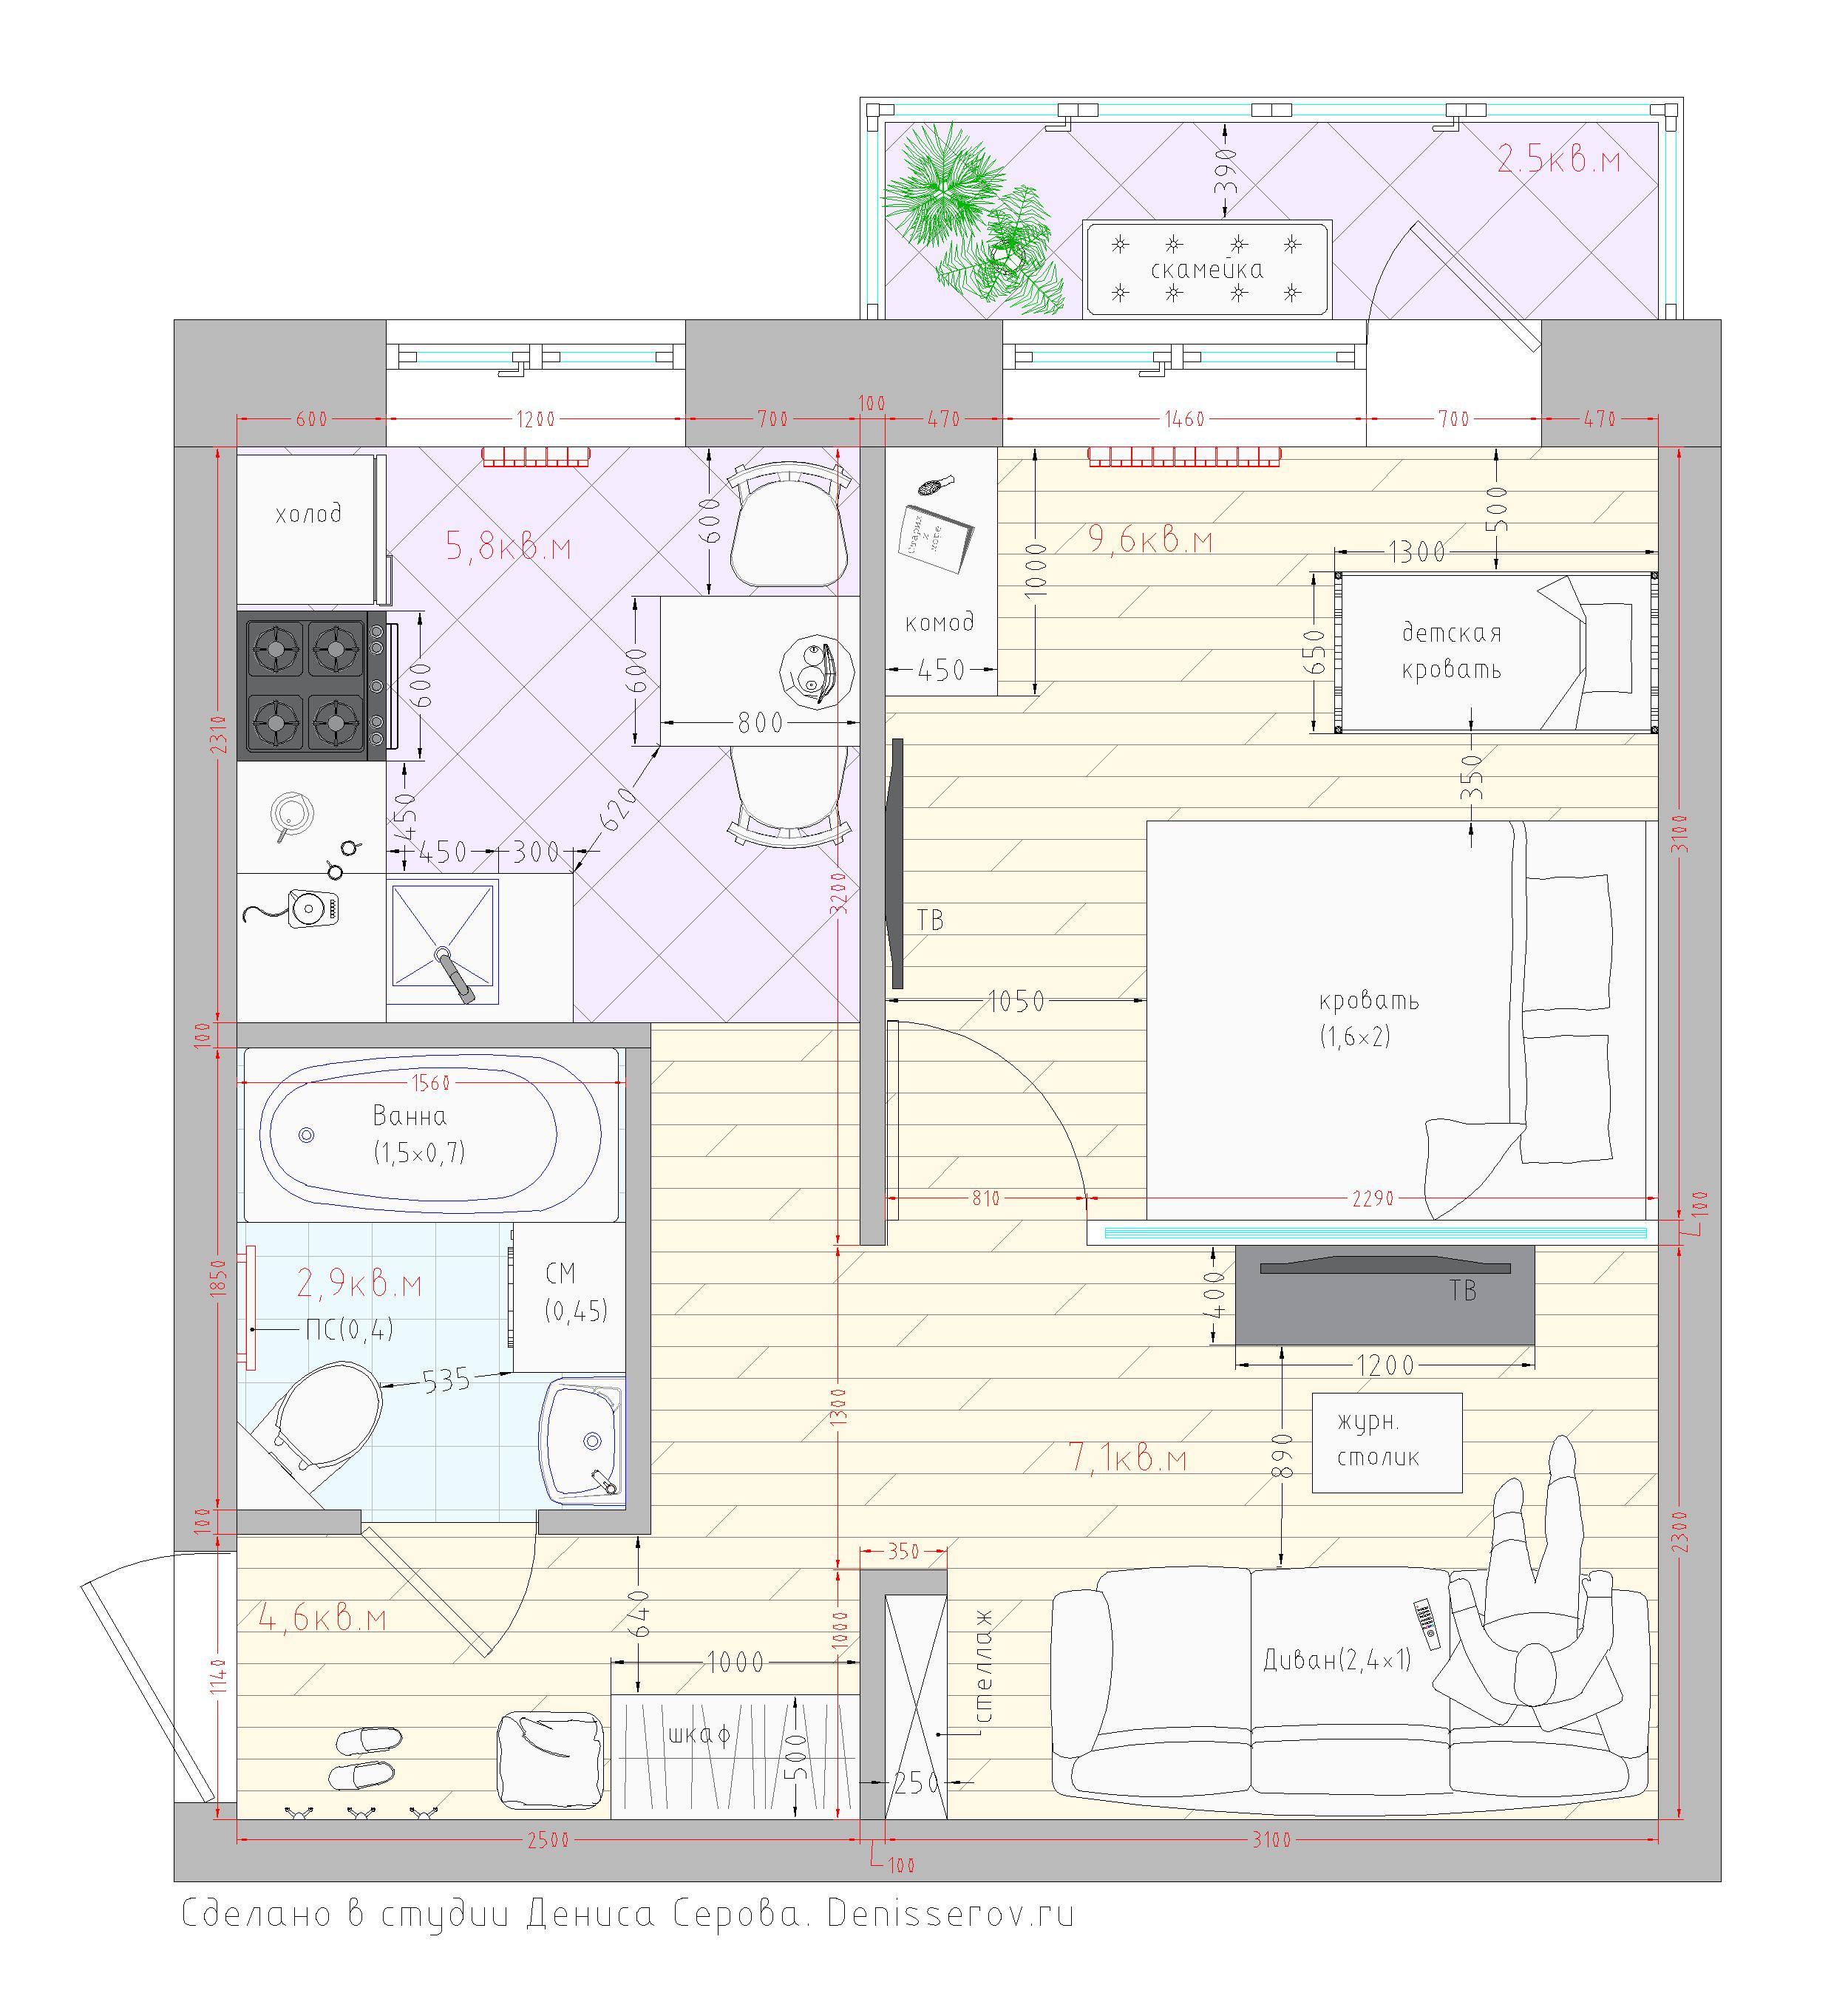 Перепланировка в домах серии И209а - Форум зданияру